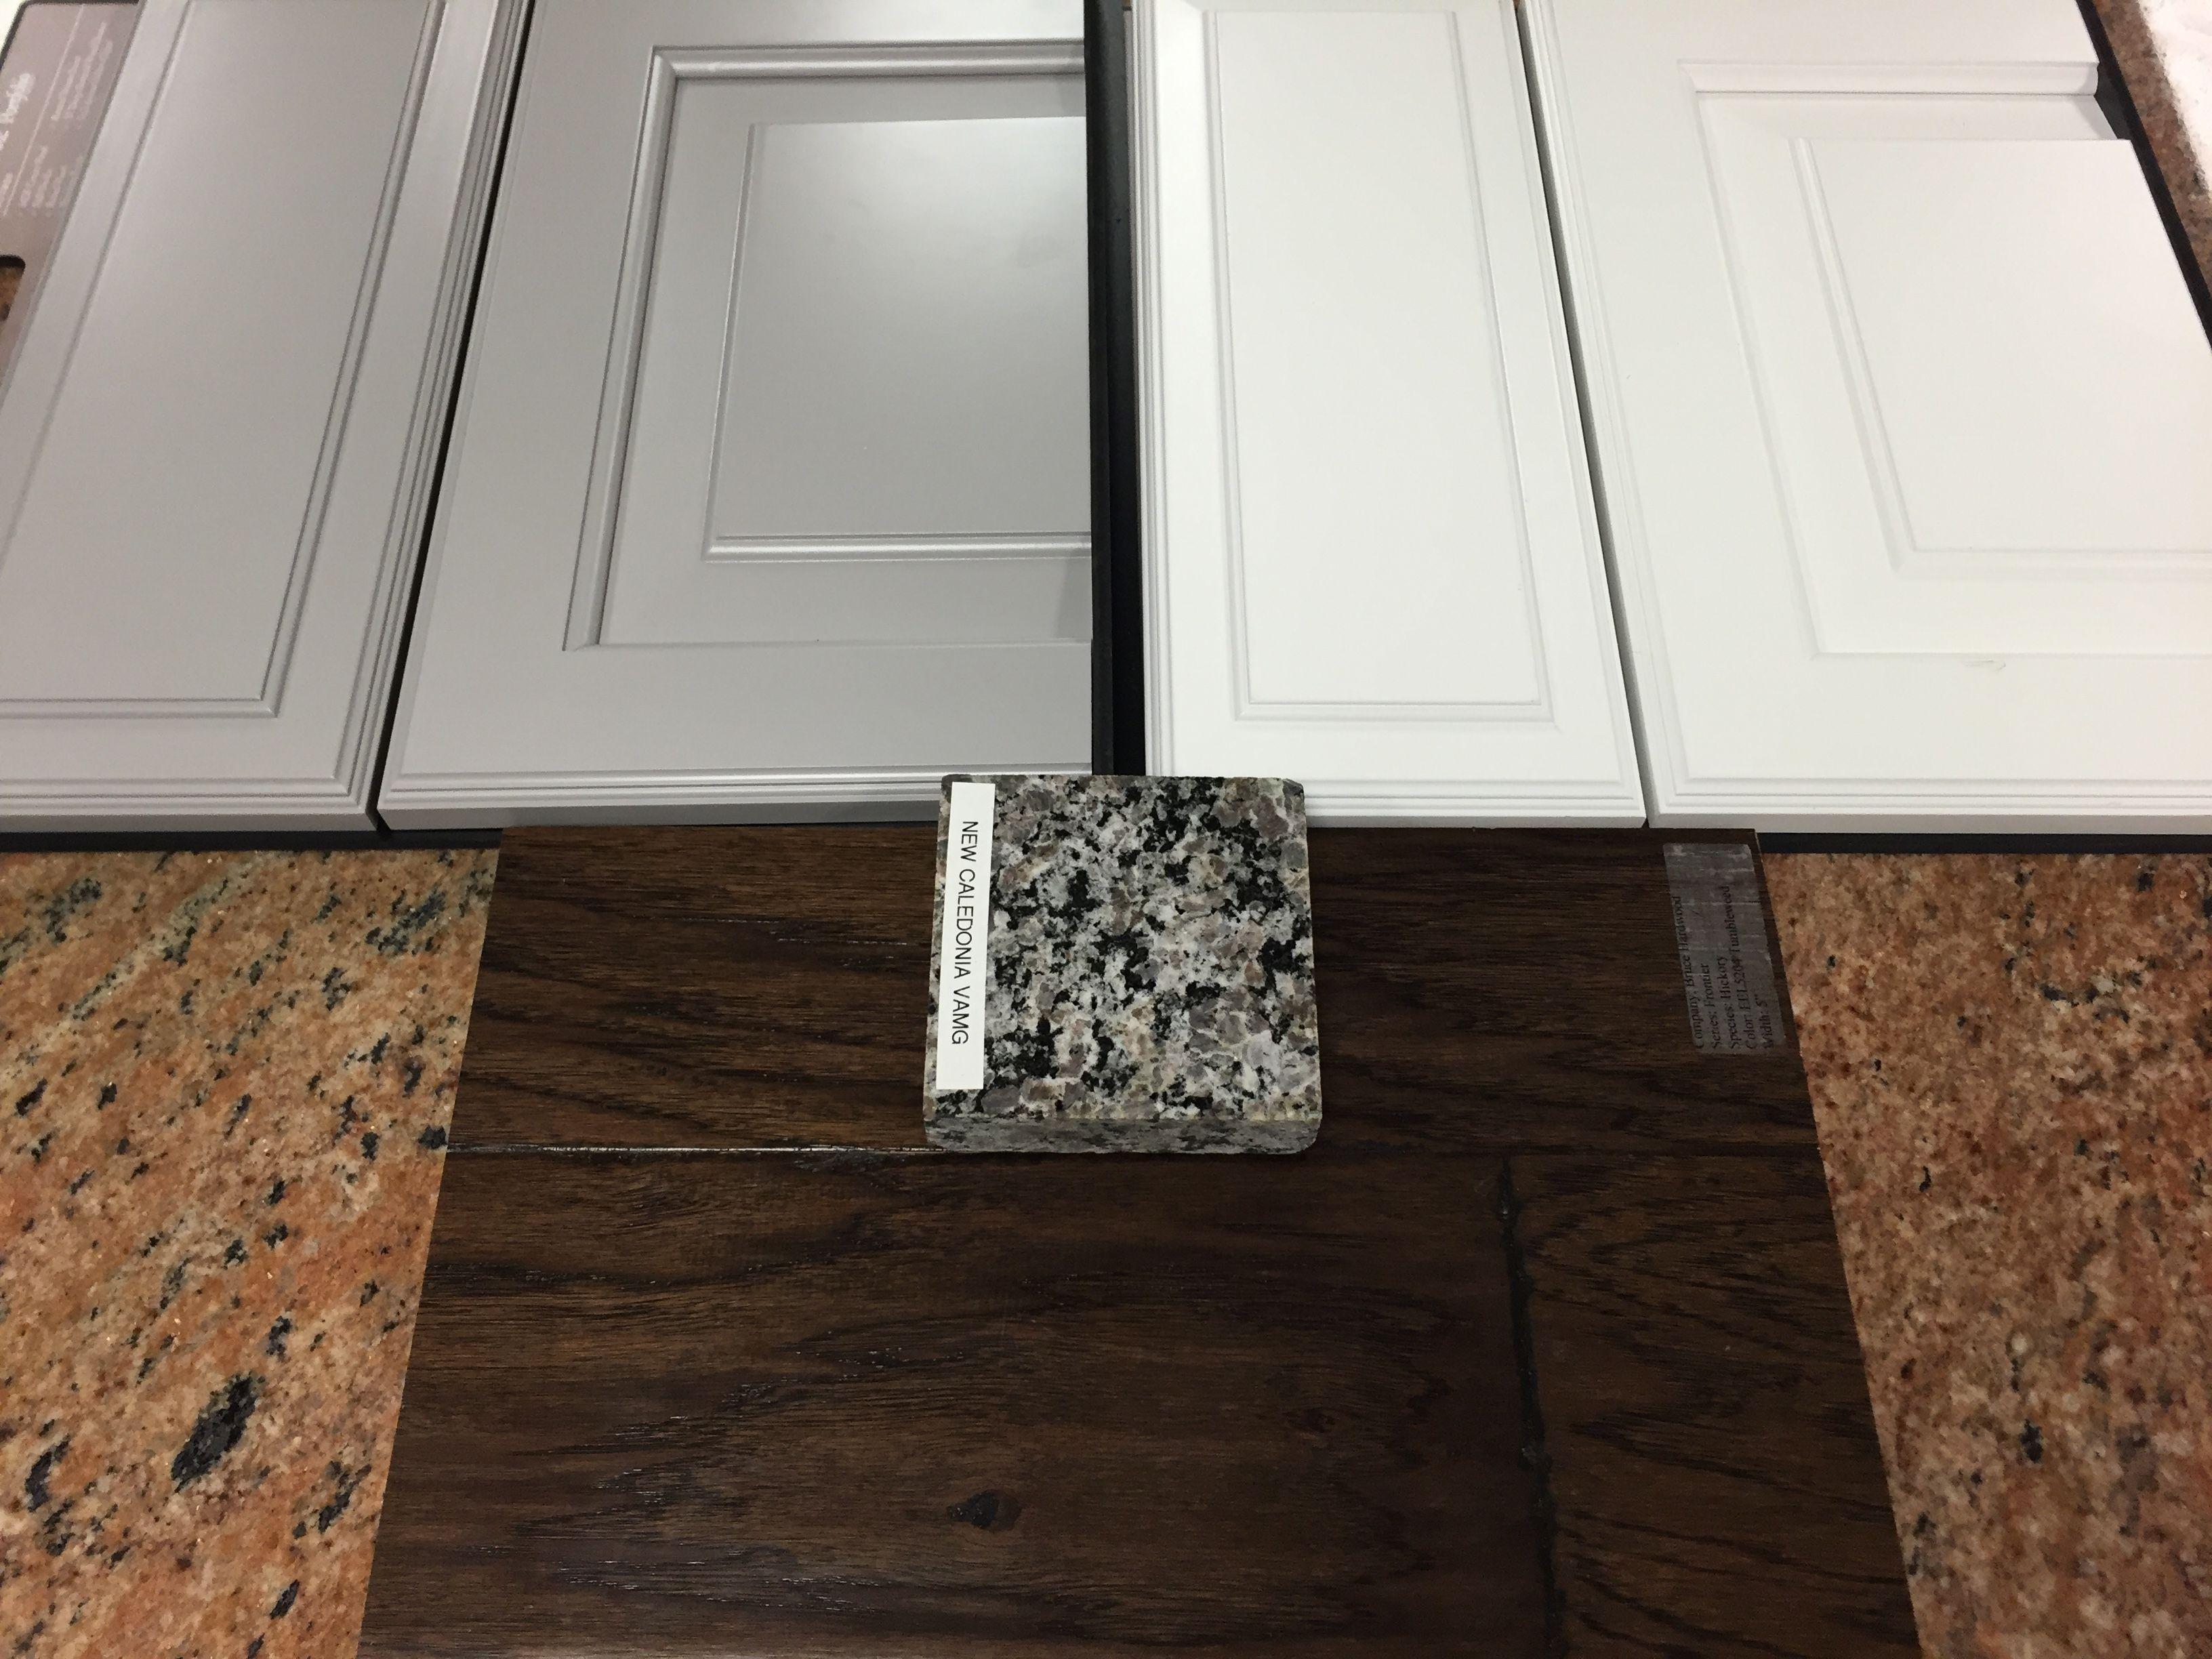 New Caledonia Granite Painted Linen Cabinet Gray Rushmore